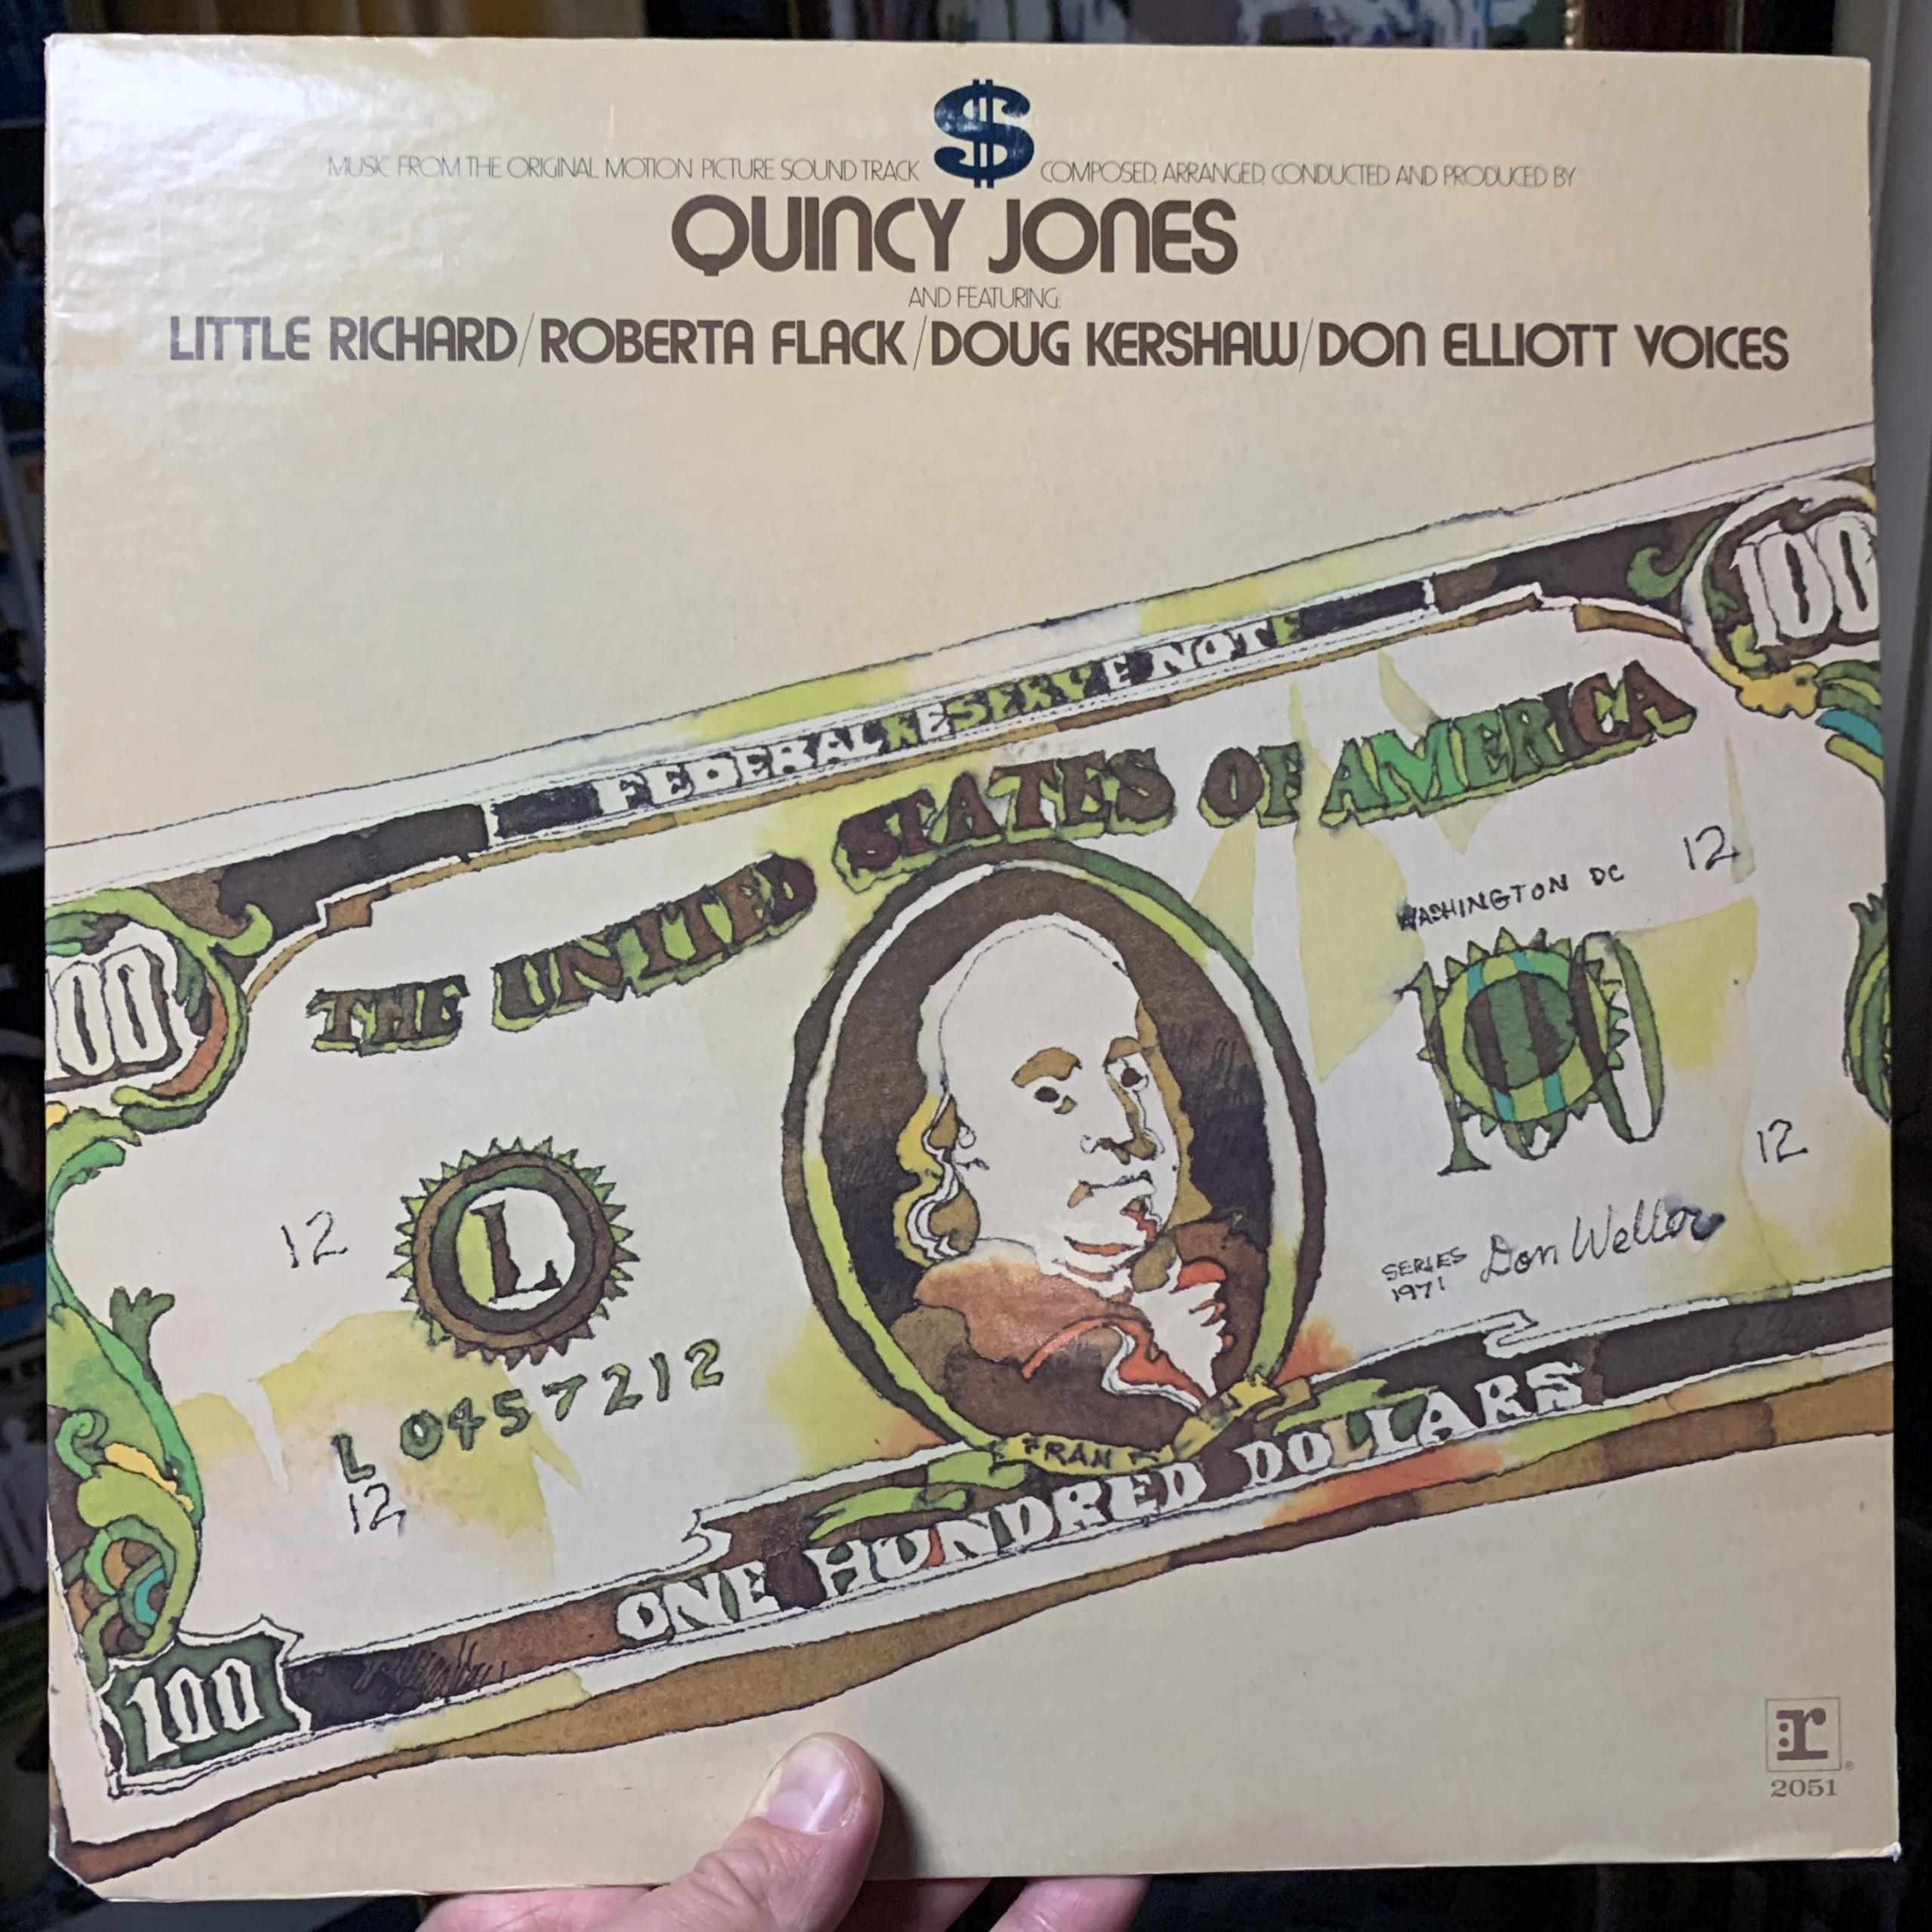 Quincy Jones – $